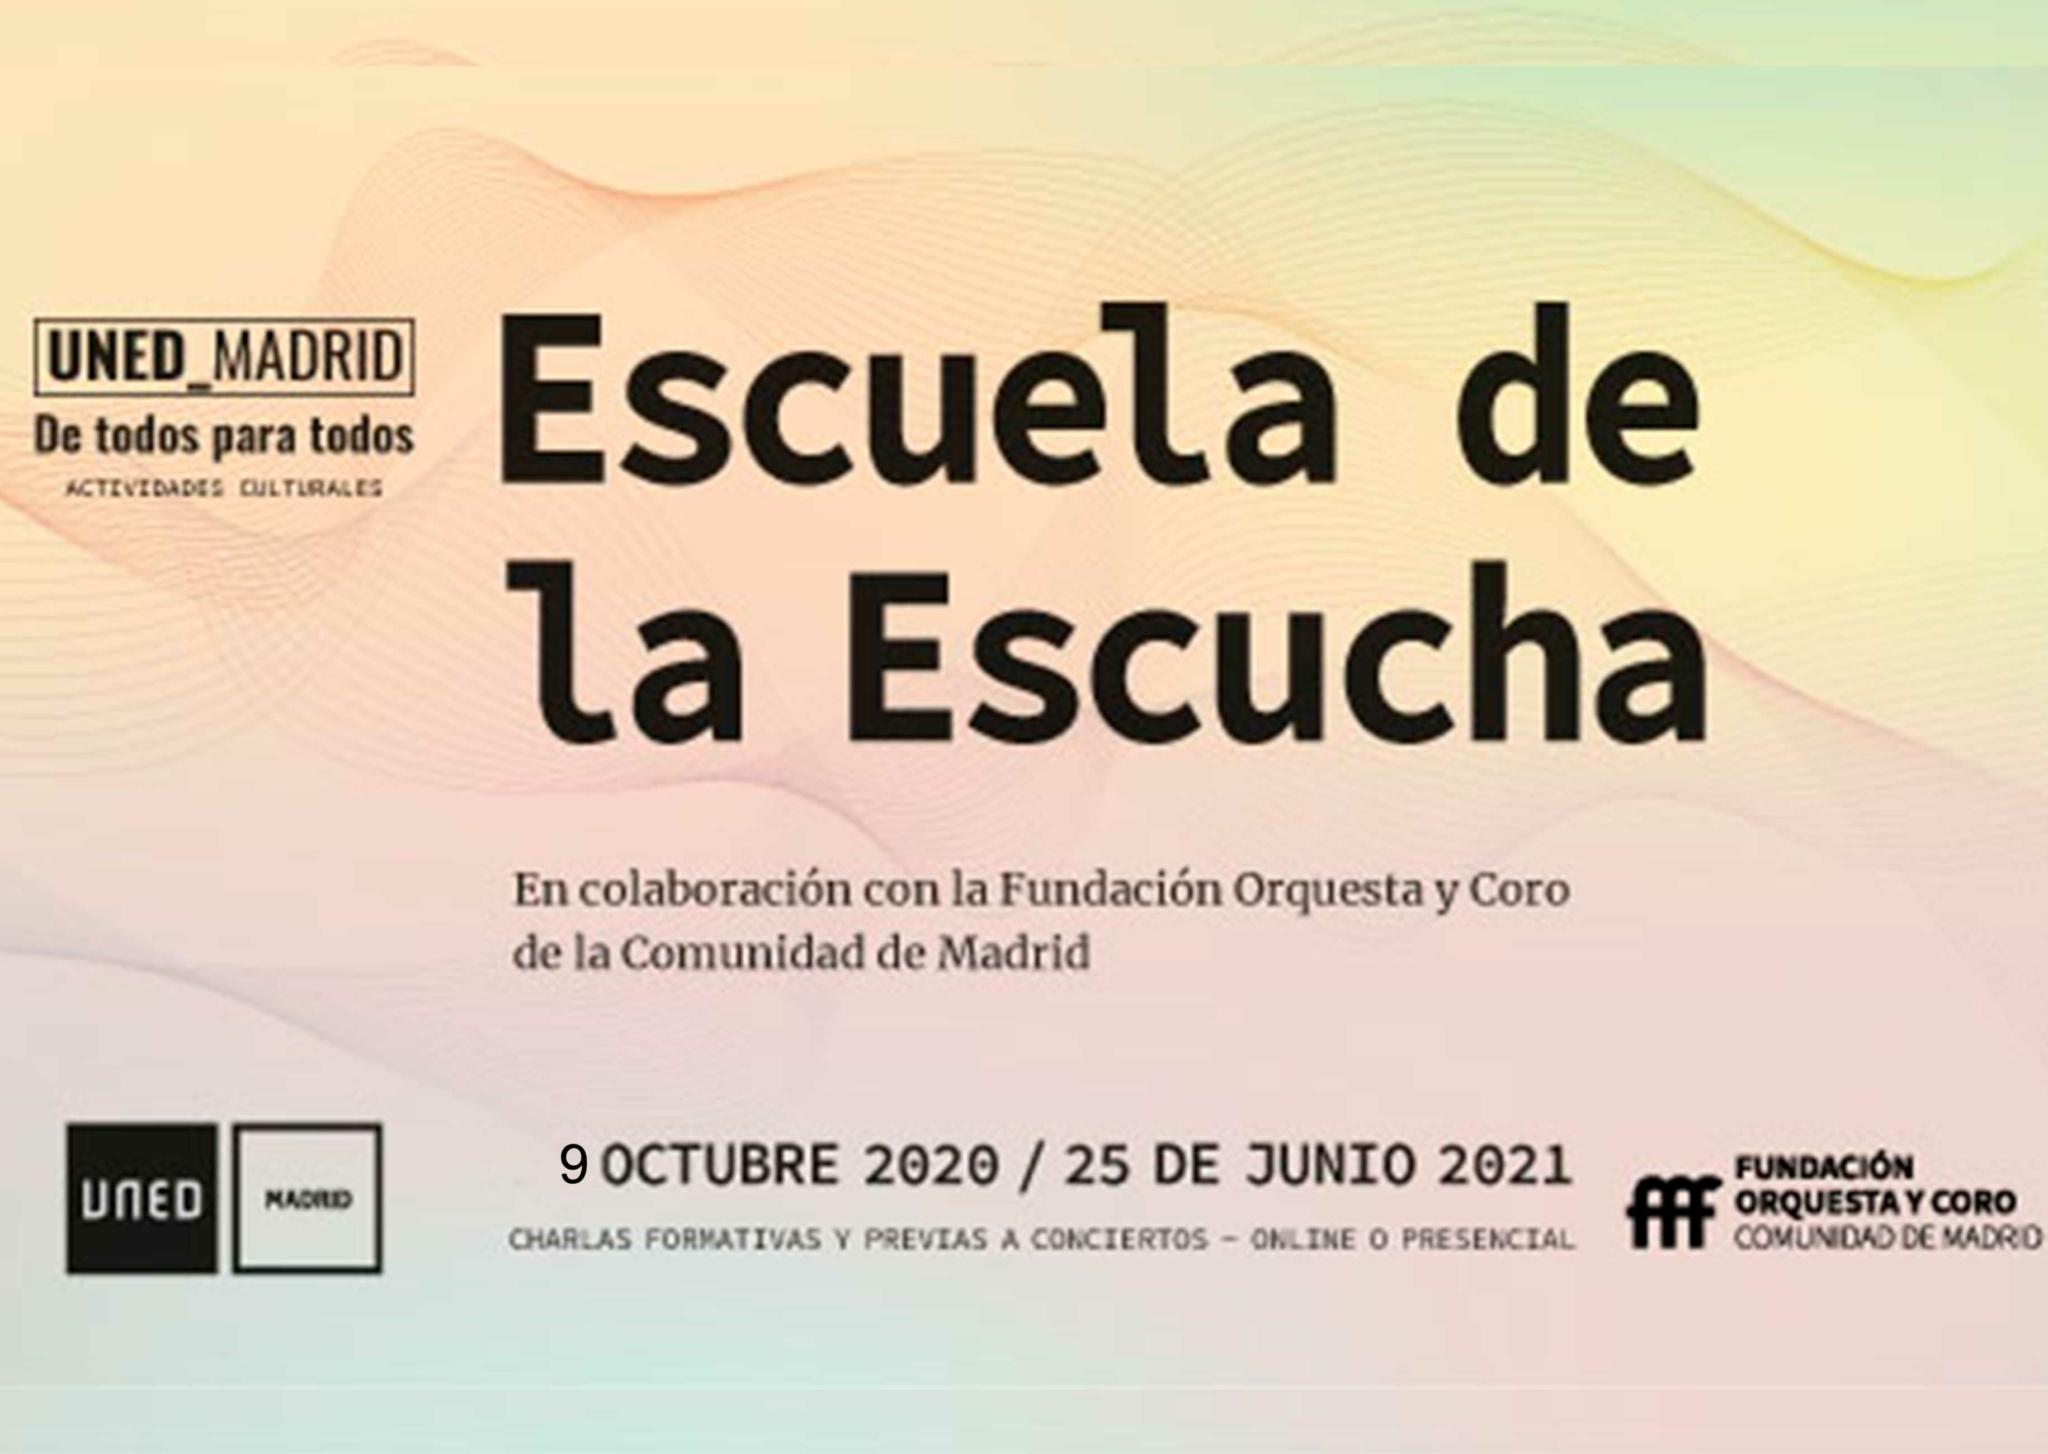 Cartel con fondo suave, anunciando Escuela de la Escucha curso del 9 de octubre 2020 al 25 de junio de 2021. Aparece el logo de los colaboradores Fundación Orquesta y Coro de la Comunidad de Madrid.en la parte inferior derecha y nuestro logo parte inferior izquierda.